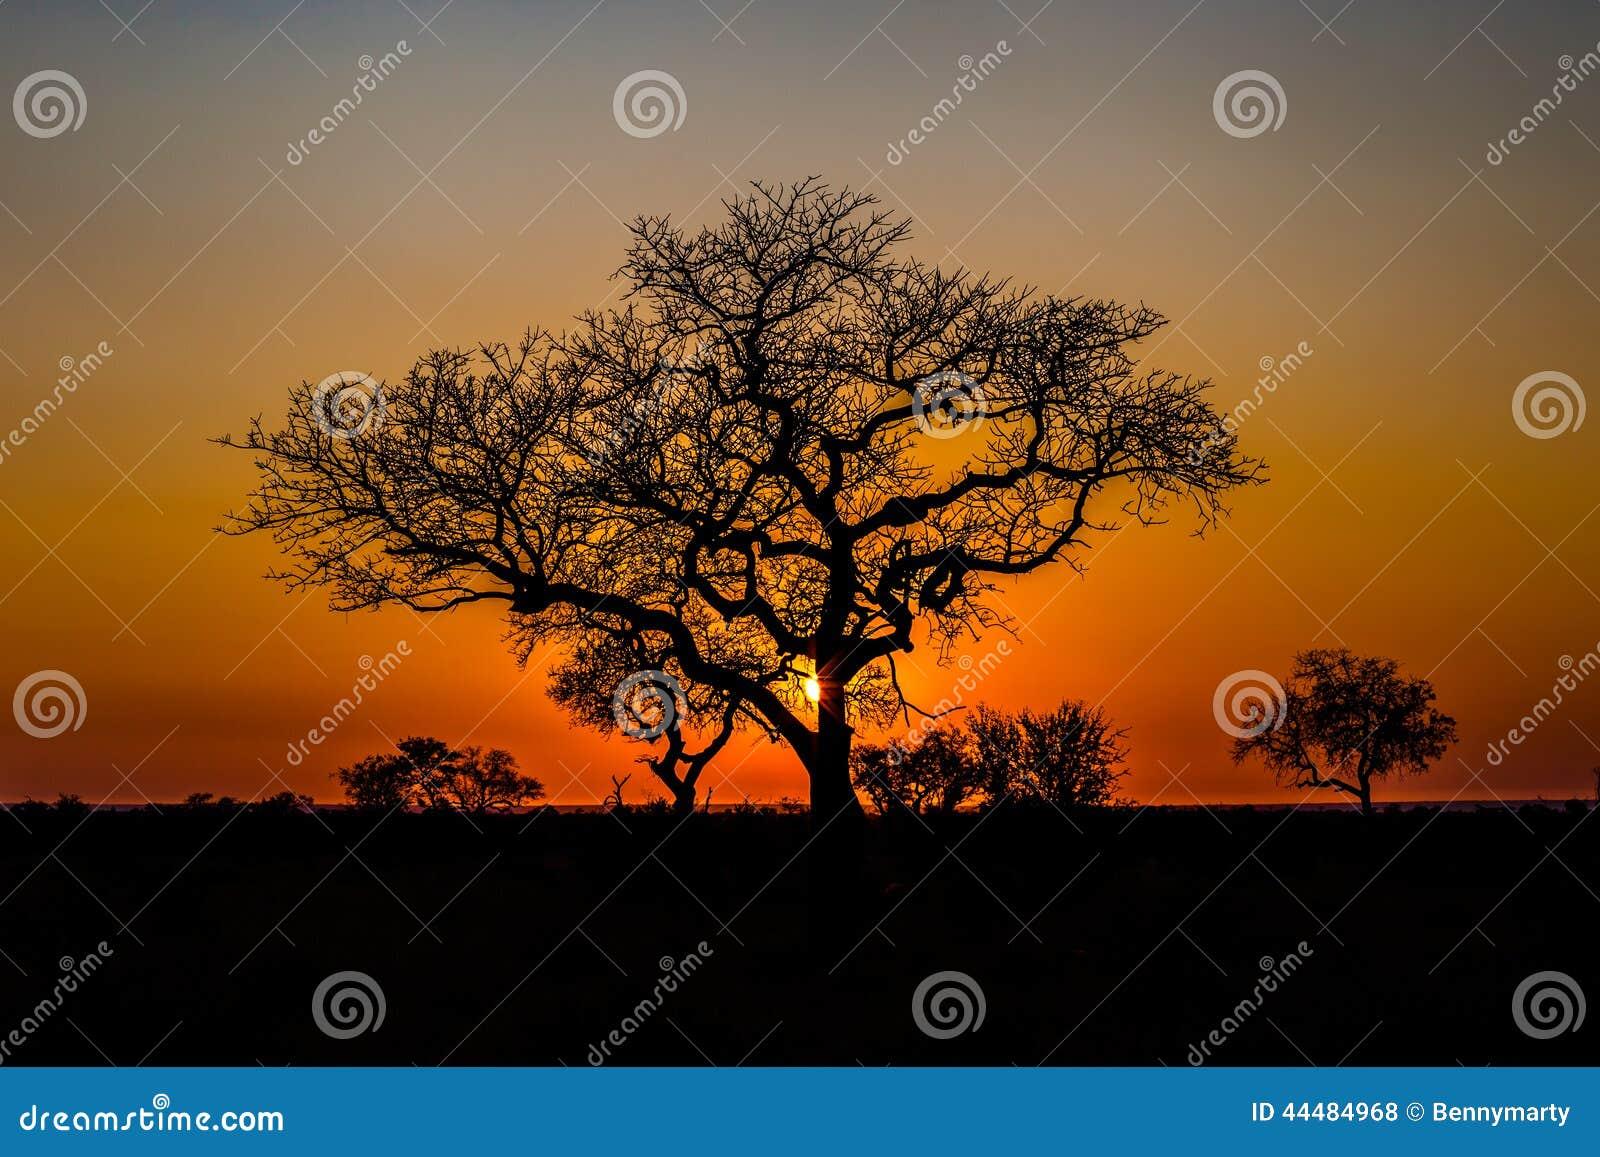 Afrikanischer Baum am Sonnenuntergang